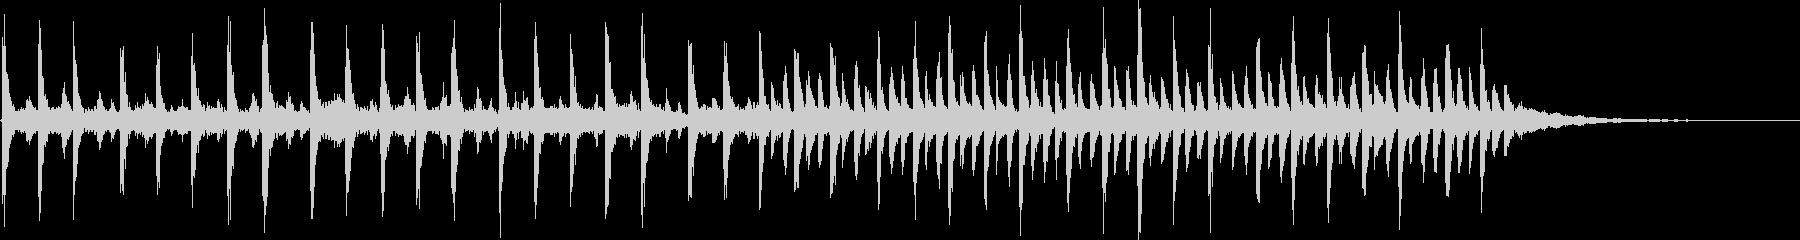 神秘的なエレクトロ003の未再生の波形